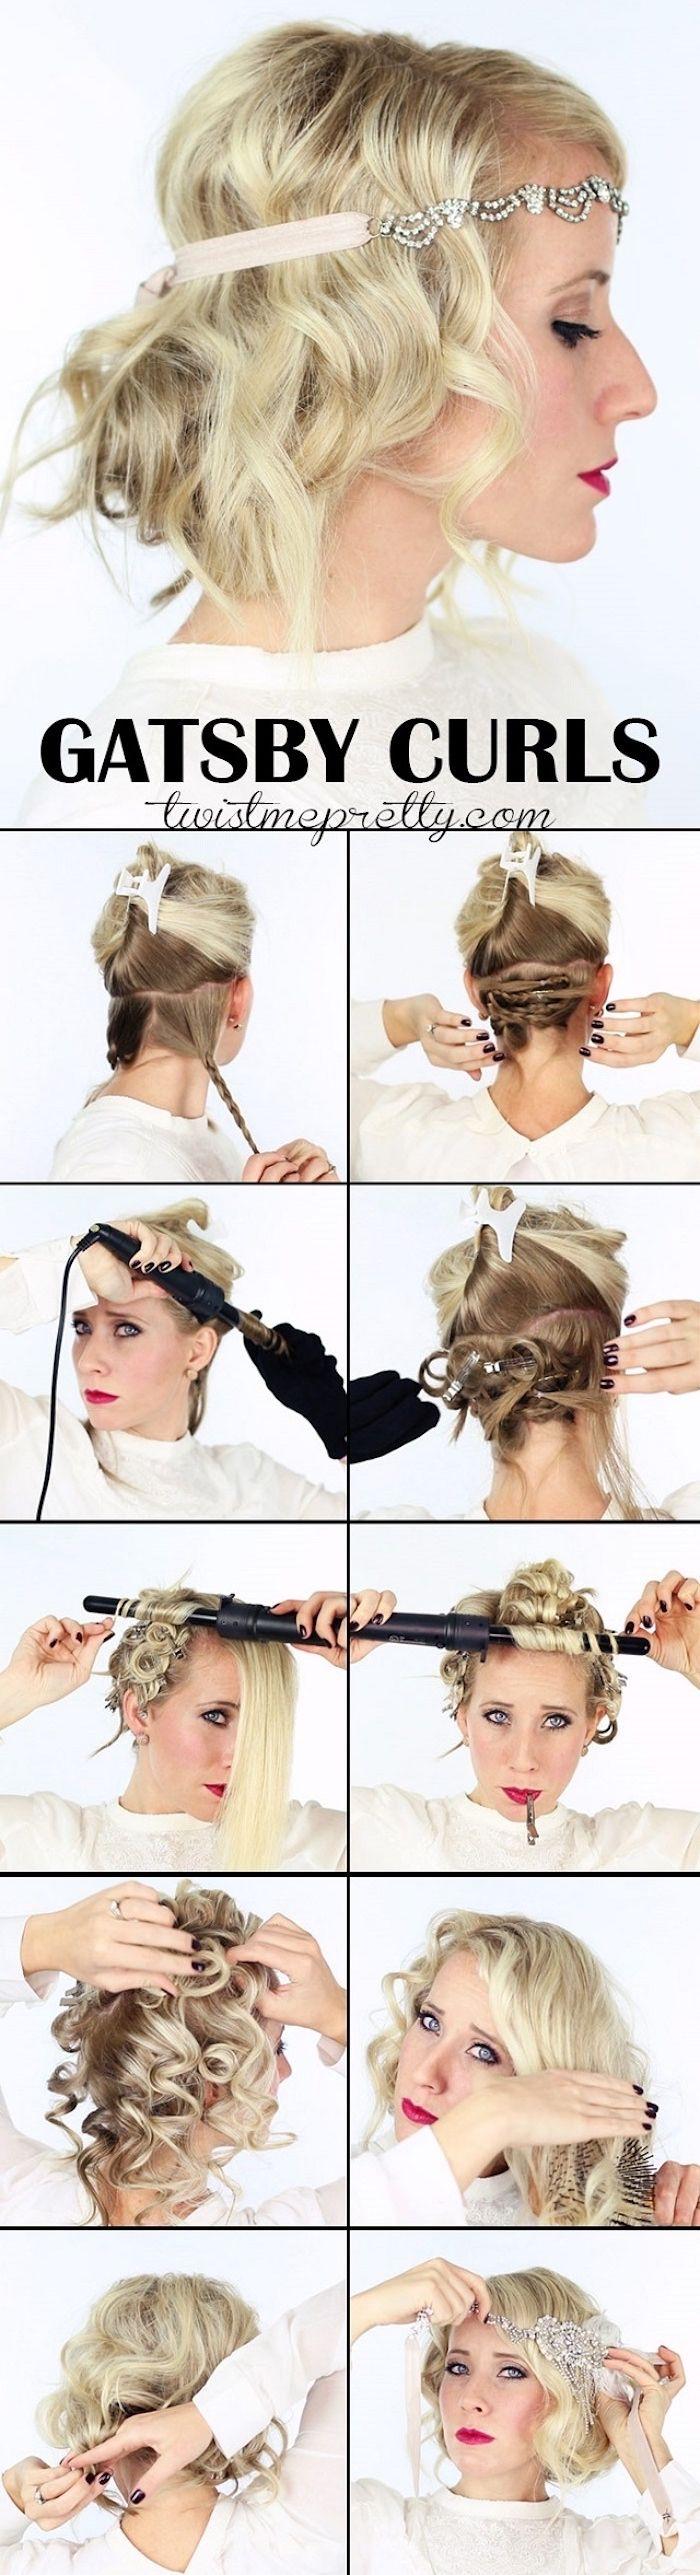 eine retro party idee, kurze blonde haare, schöne frisur mit haarschmuck, kurze haare locken, lockenstab